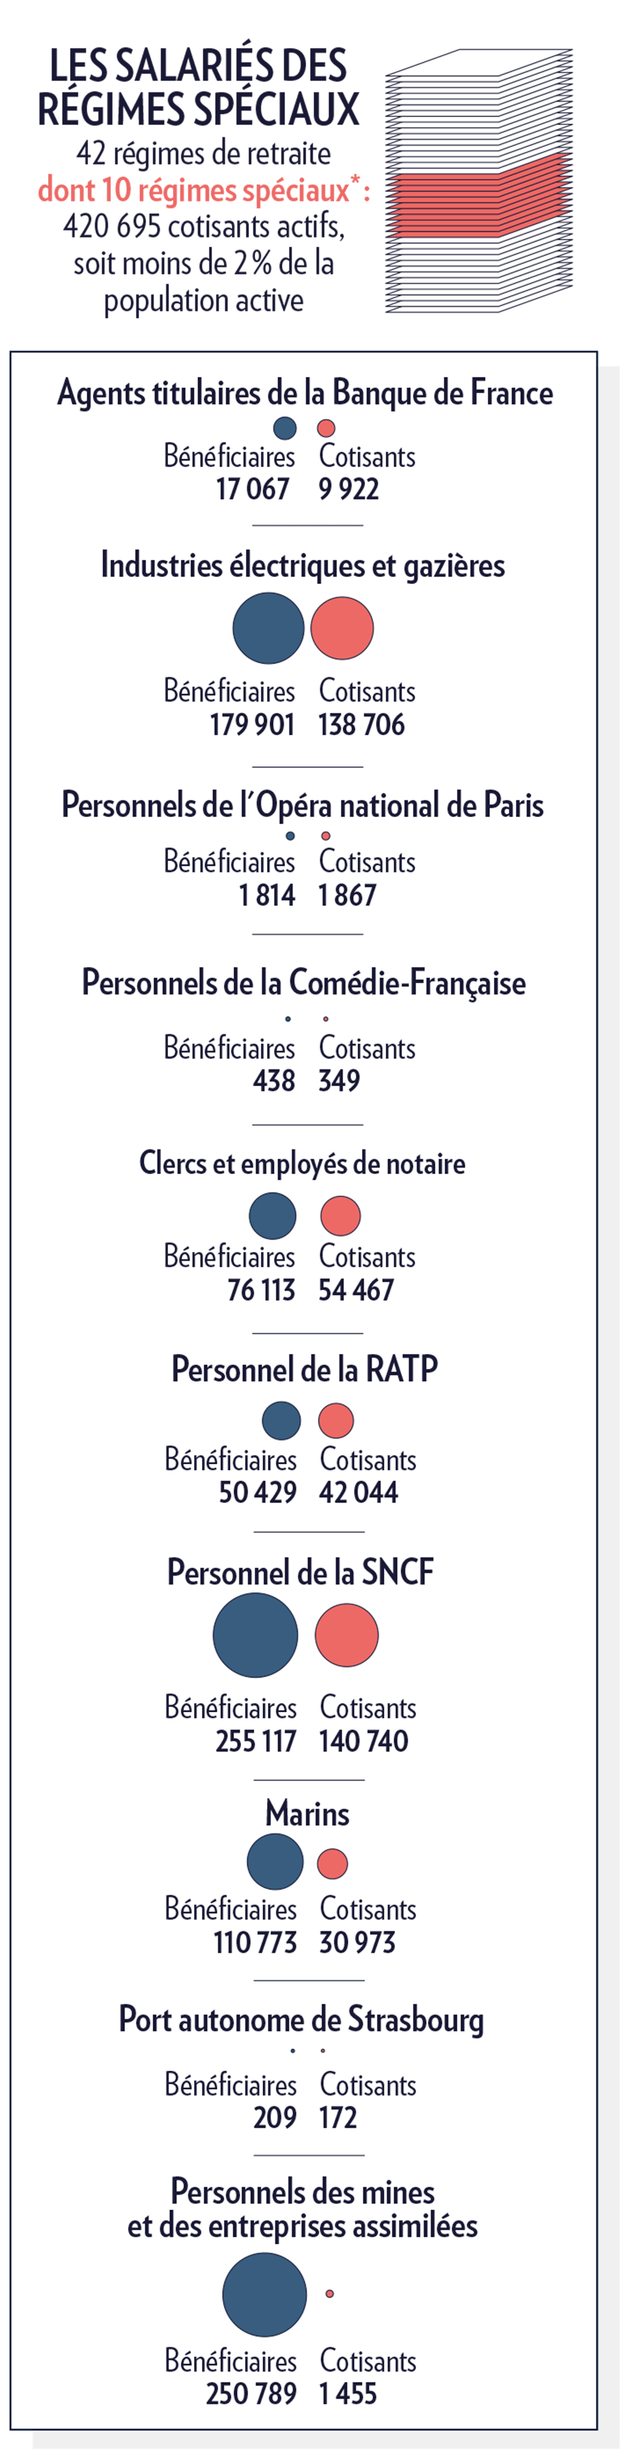 *Tels que définis dans un décret de 2014. Hors fonctions publiques, non considérées dans cette définition des régimes spéciaux. Source : données 2018 des comptes de la Sécurité sociale de septembre 2019, chiffres de 2016 pour le port autonome de Strasbourg.